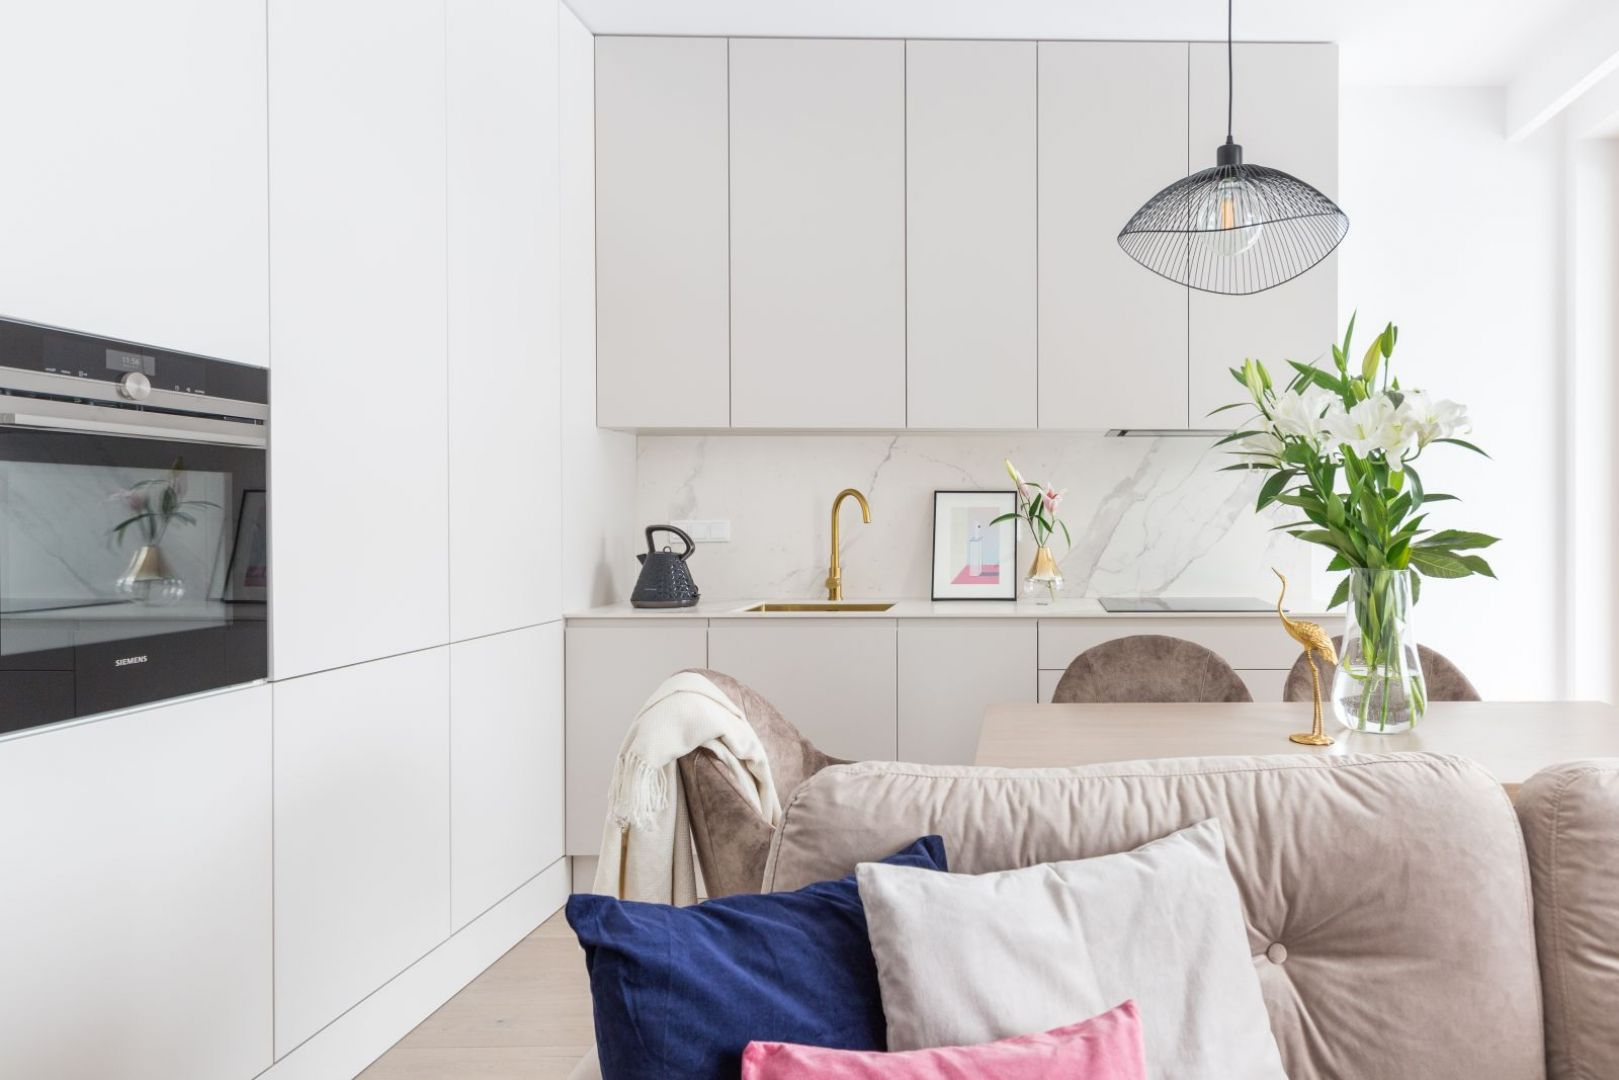 Biała kuchnia w małych wnętrzach. 12 pięknych zdjęć. Projekt Decoroom